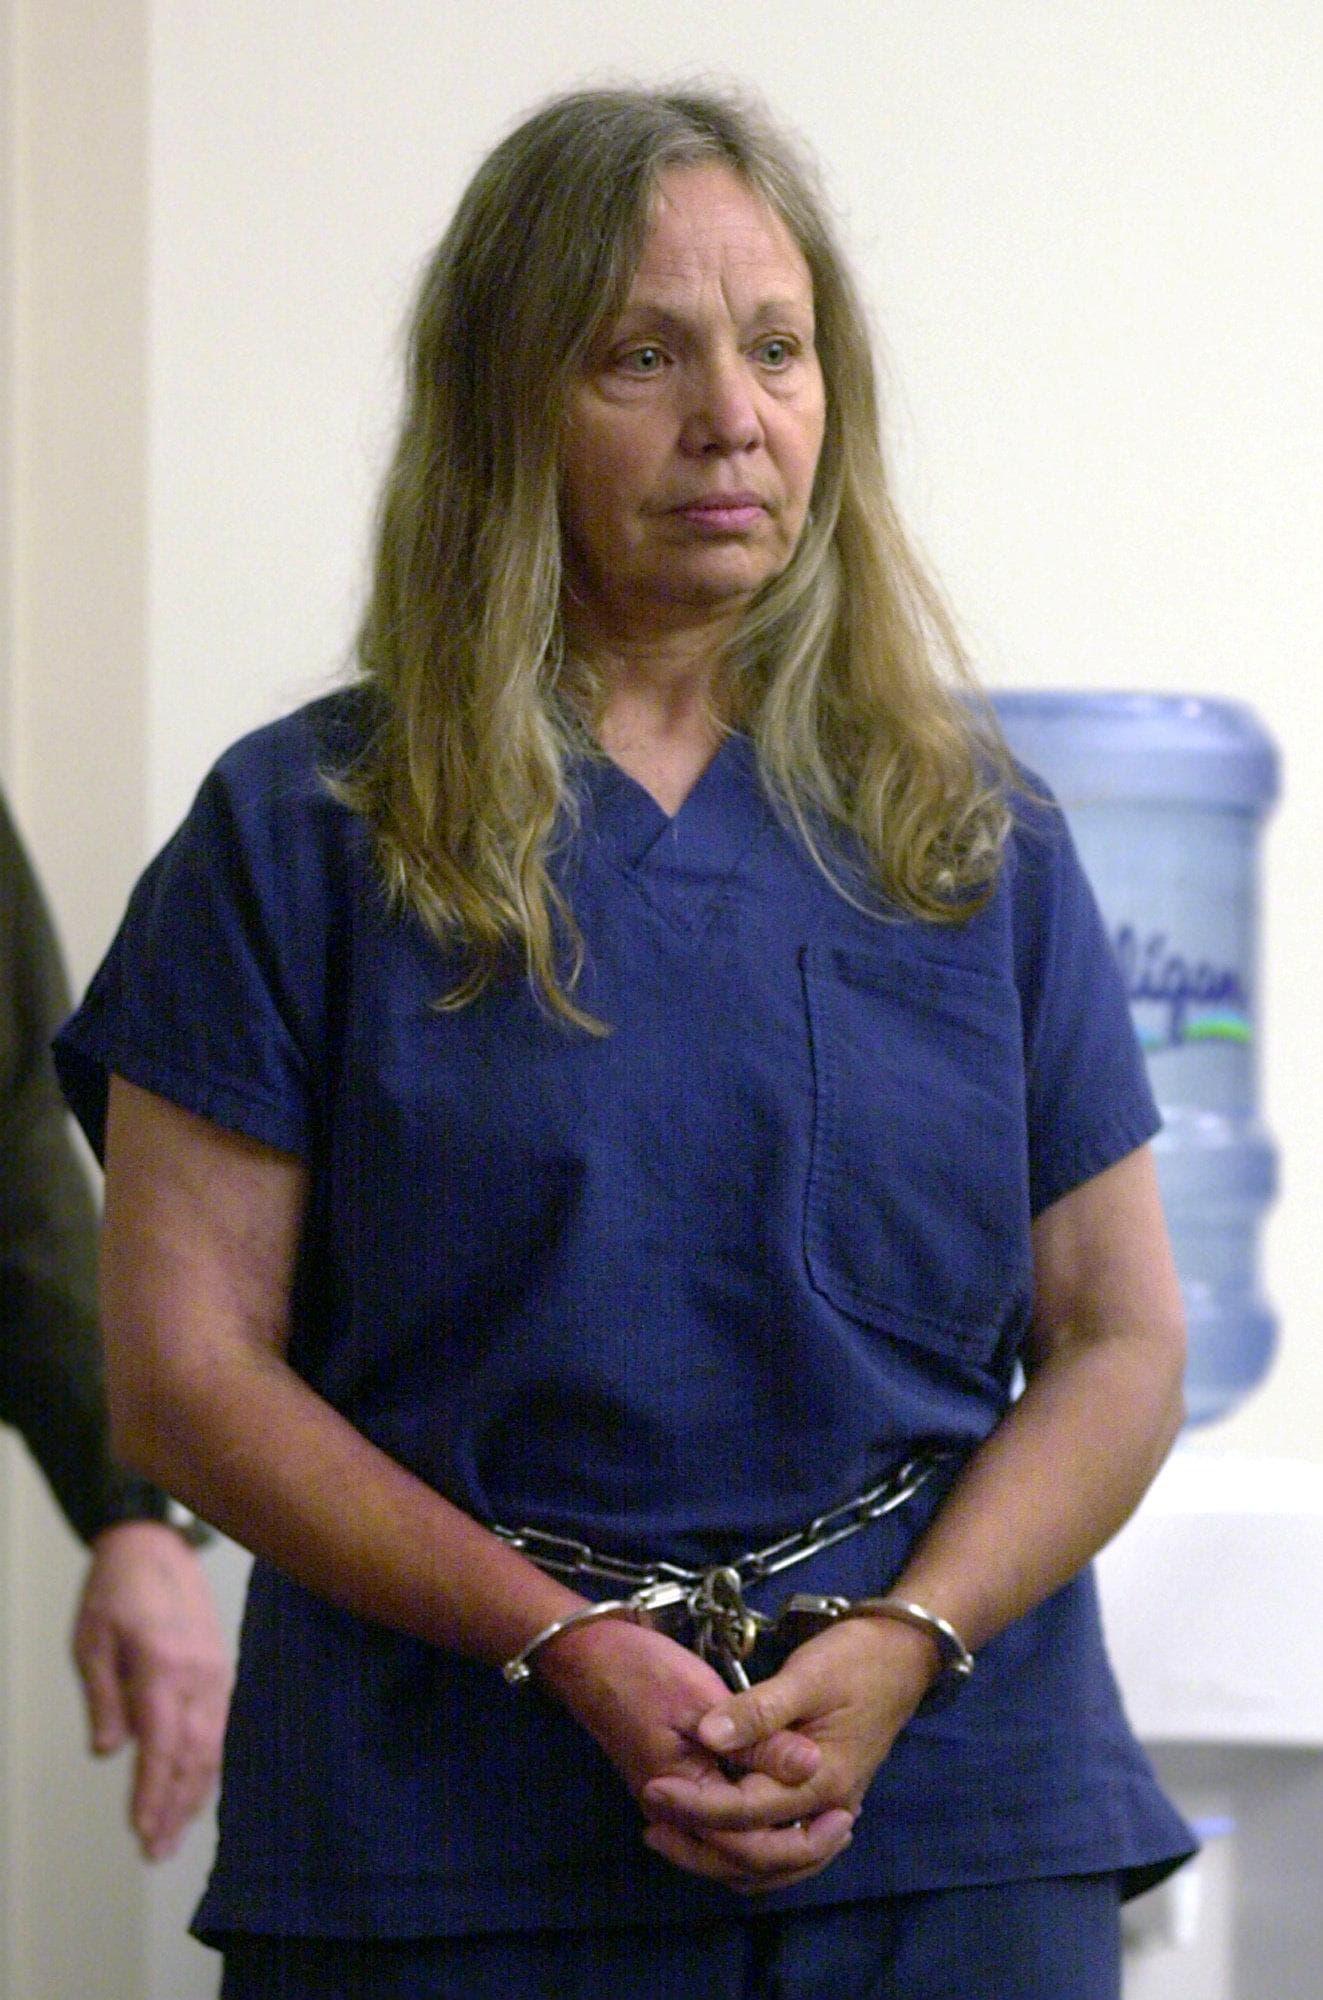 Elizabeth Smart says prison release of her captor poses danger